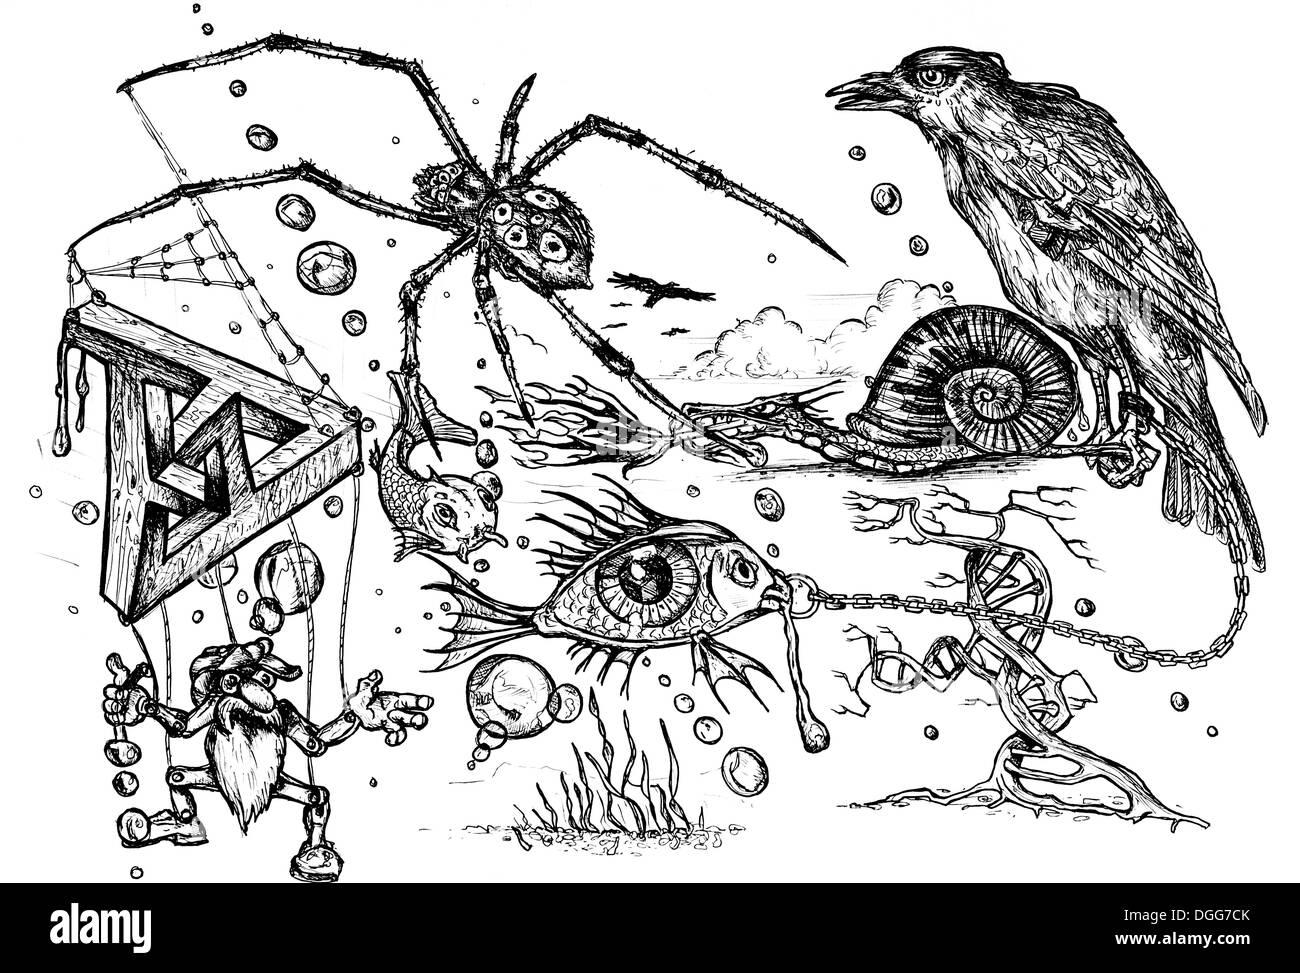 Surreale penna e inchiostro doodle disegnato da me stesso Immagini Stock